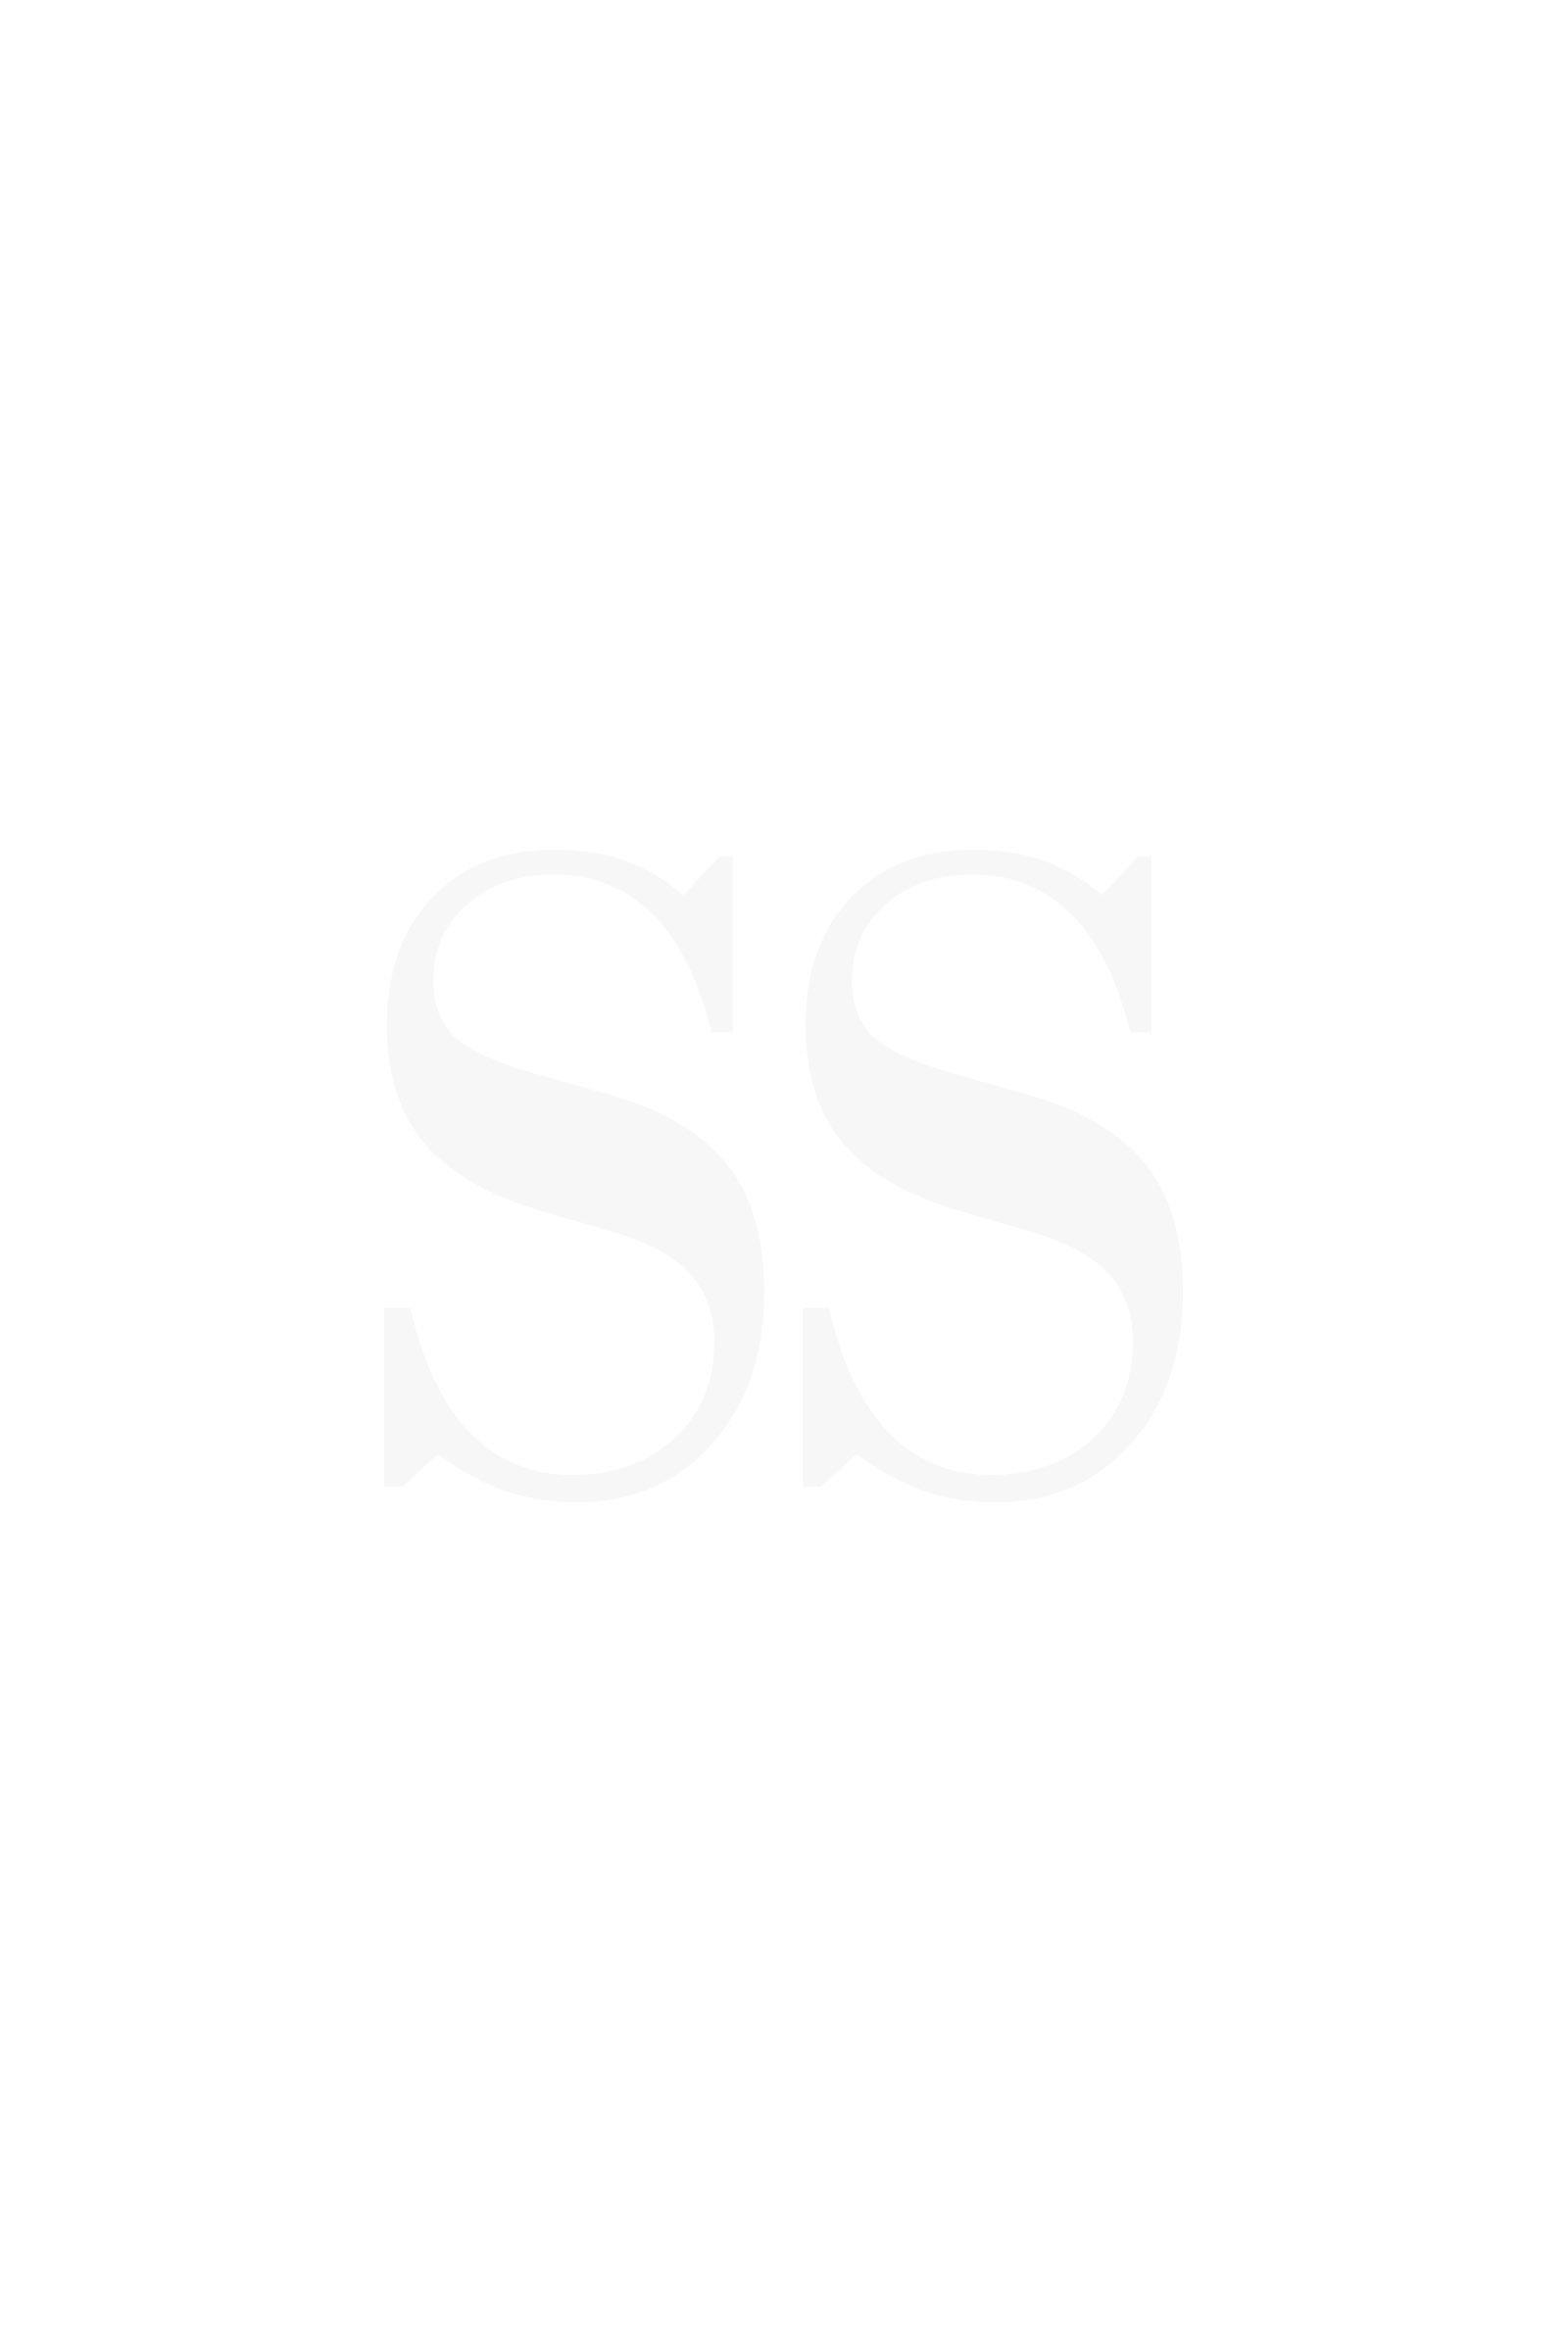 Sana Safinaz Online Design # 002A